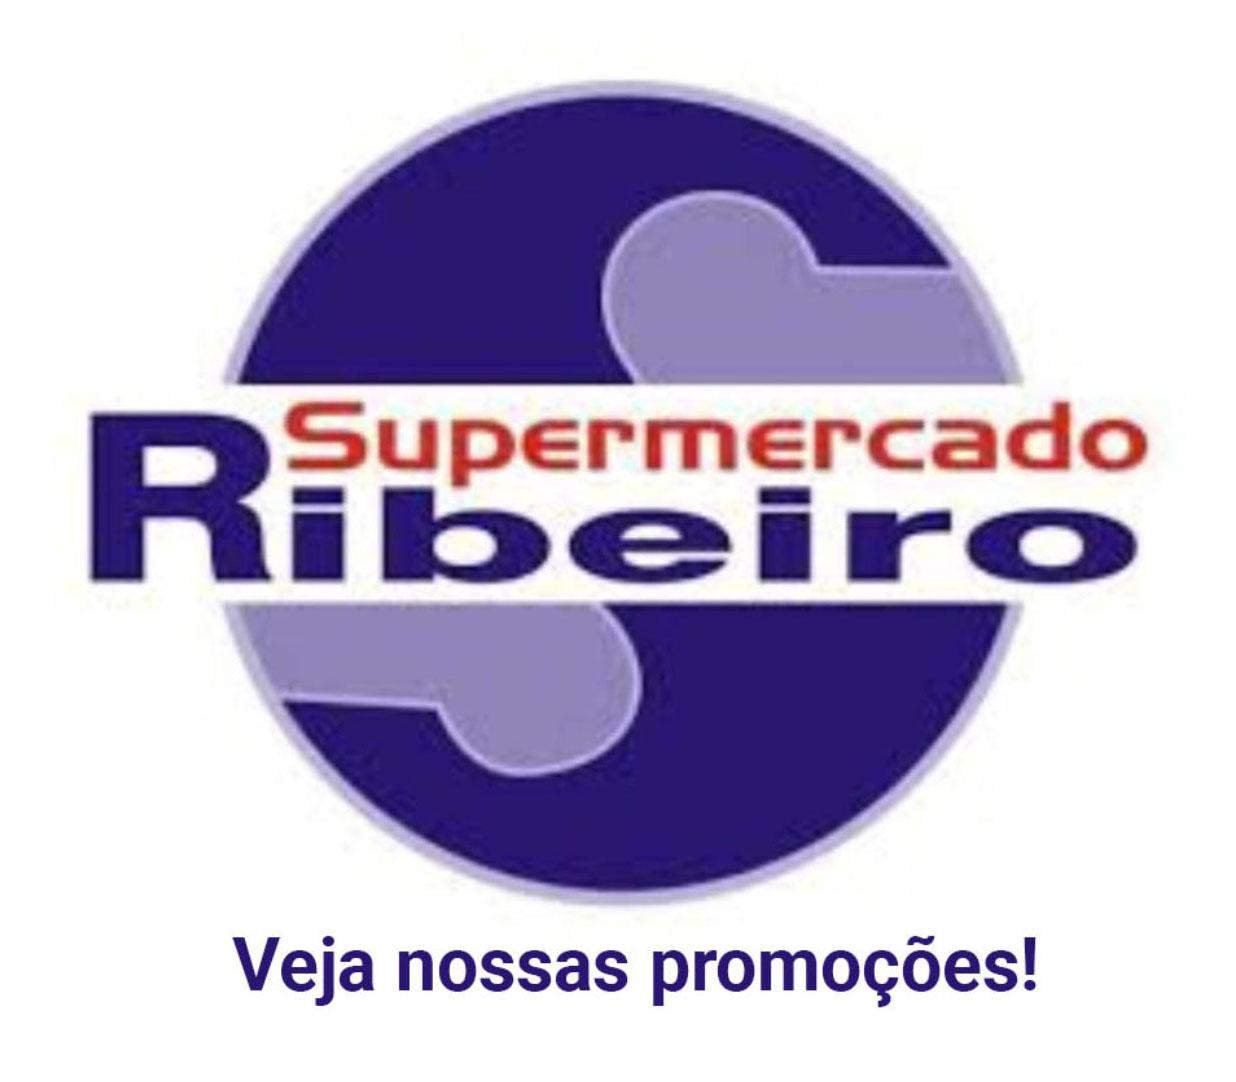 Supermercado-Ribeiro